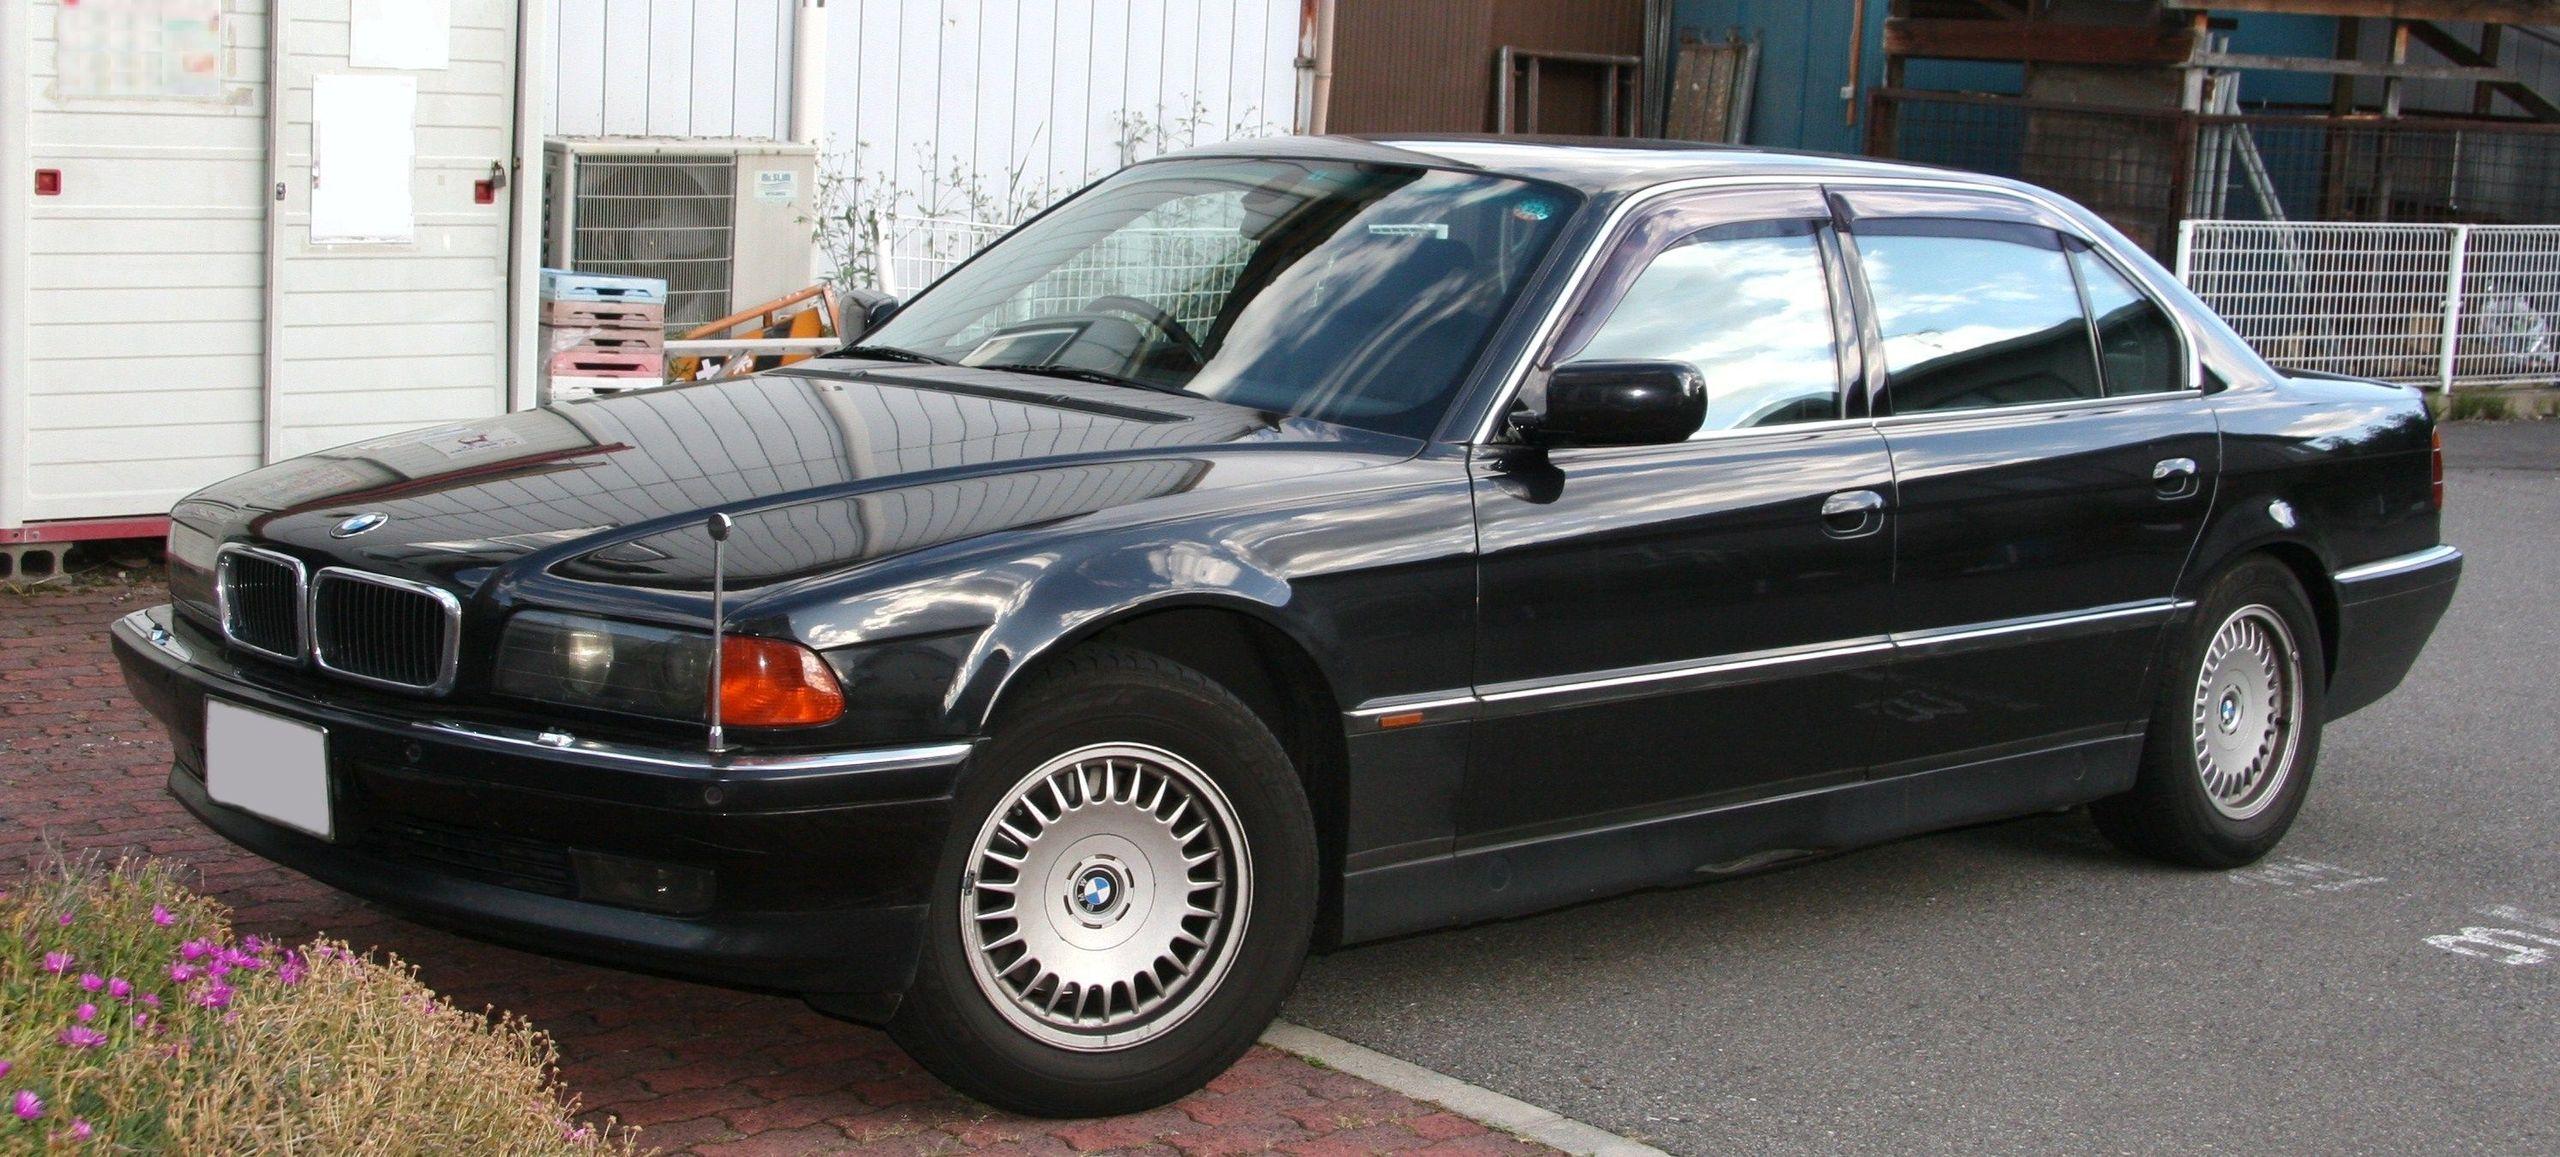 BMW 750iL.jpg   Suv, Bmw, Suv car